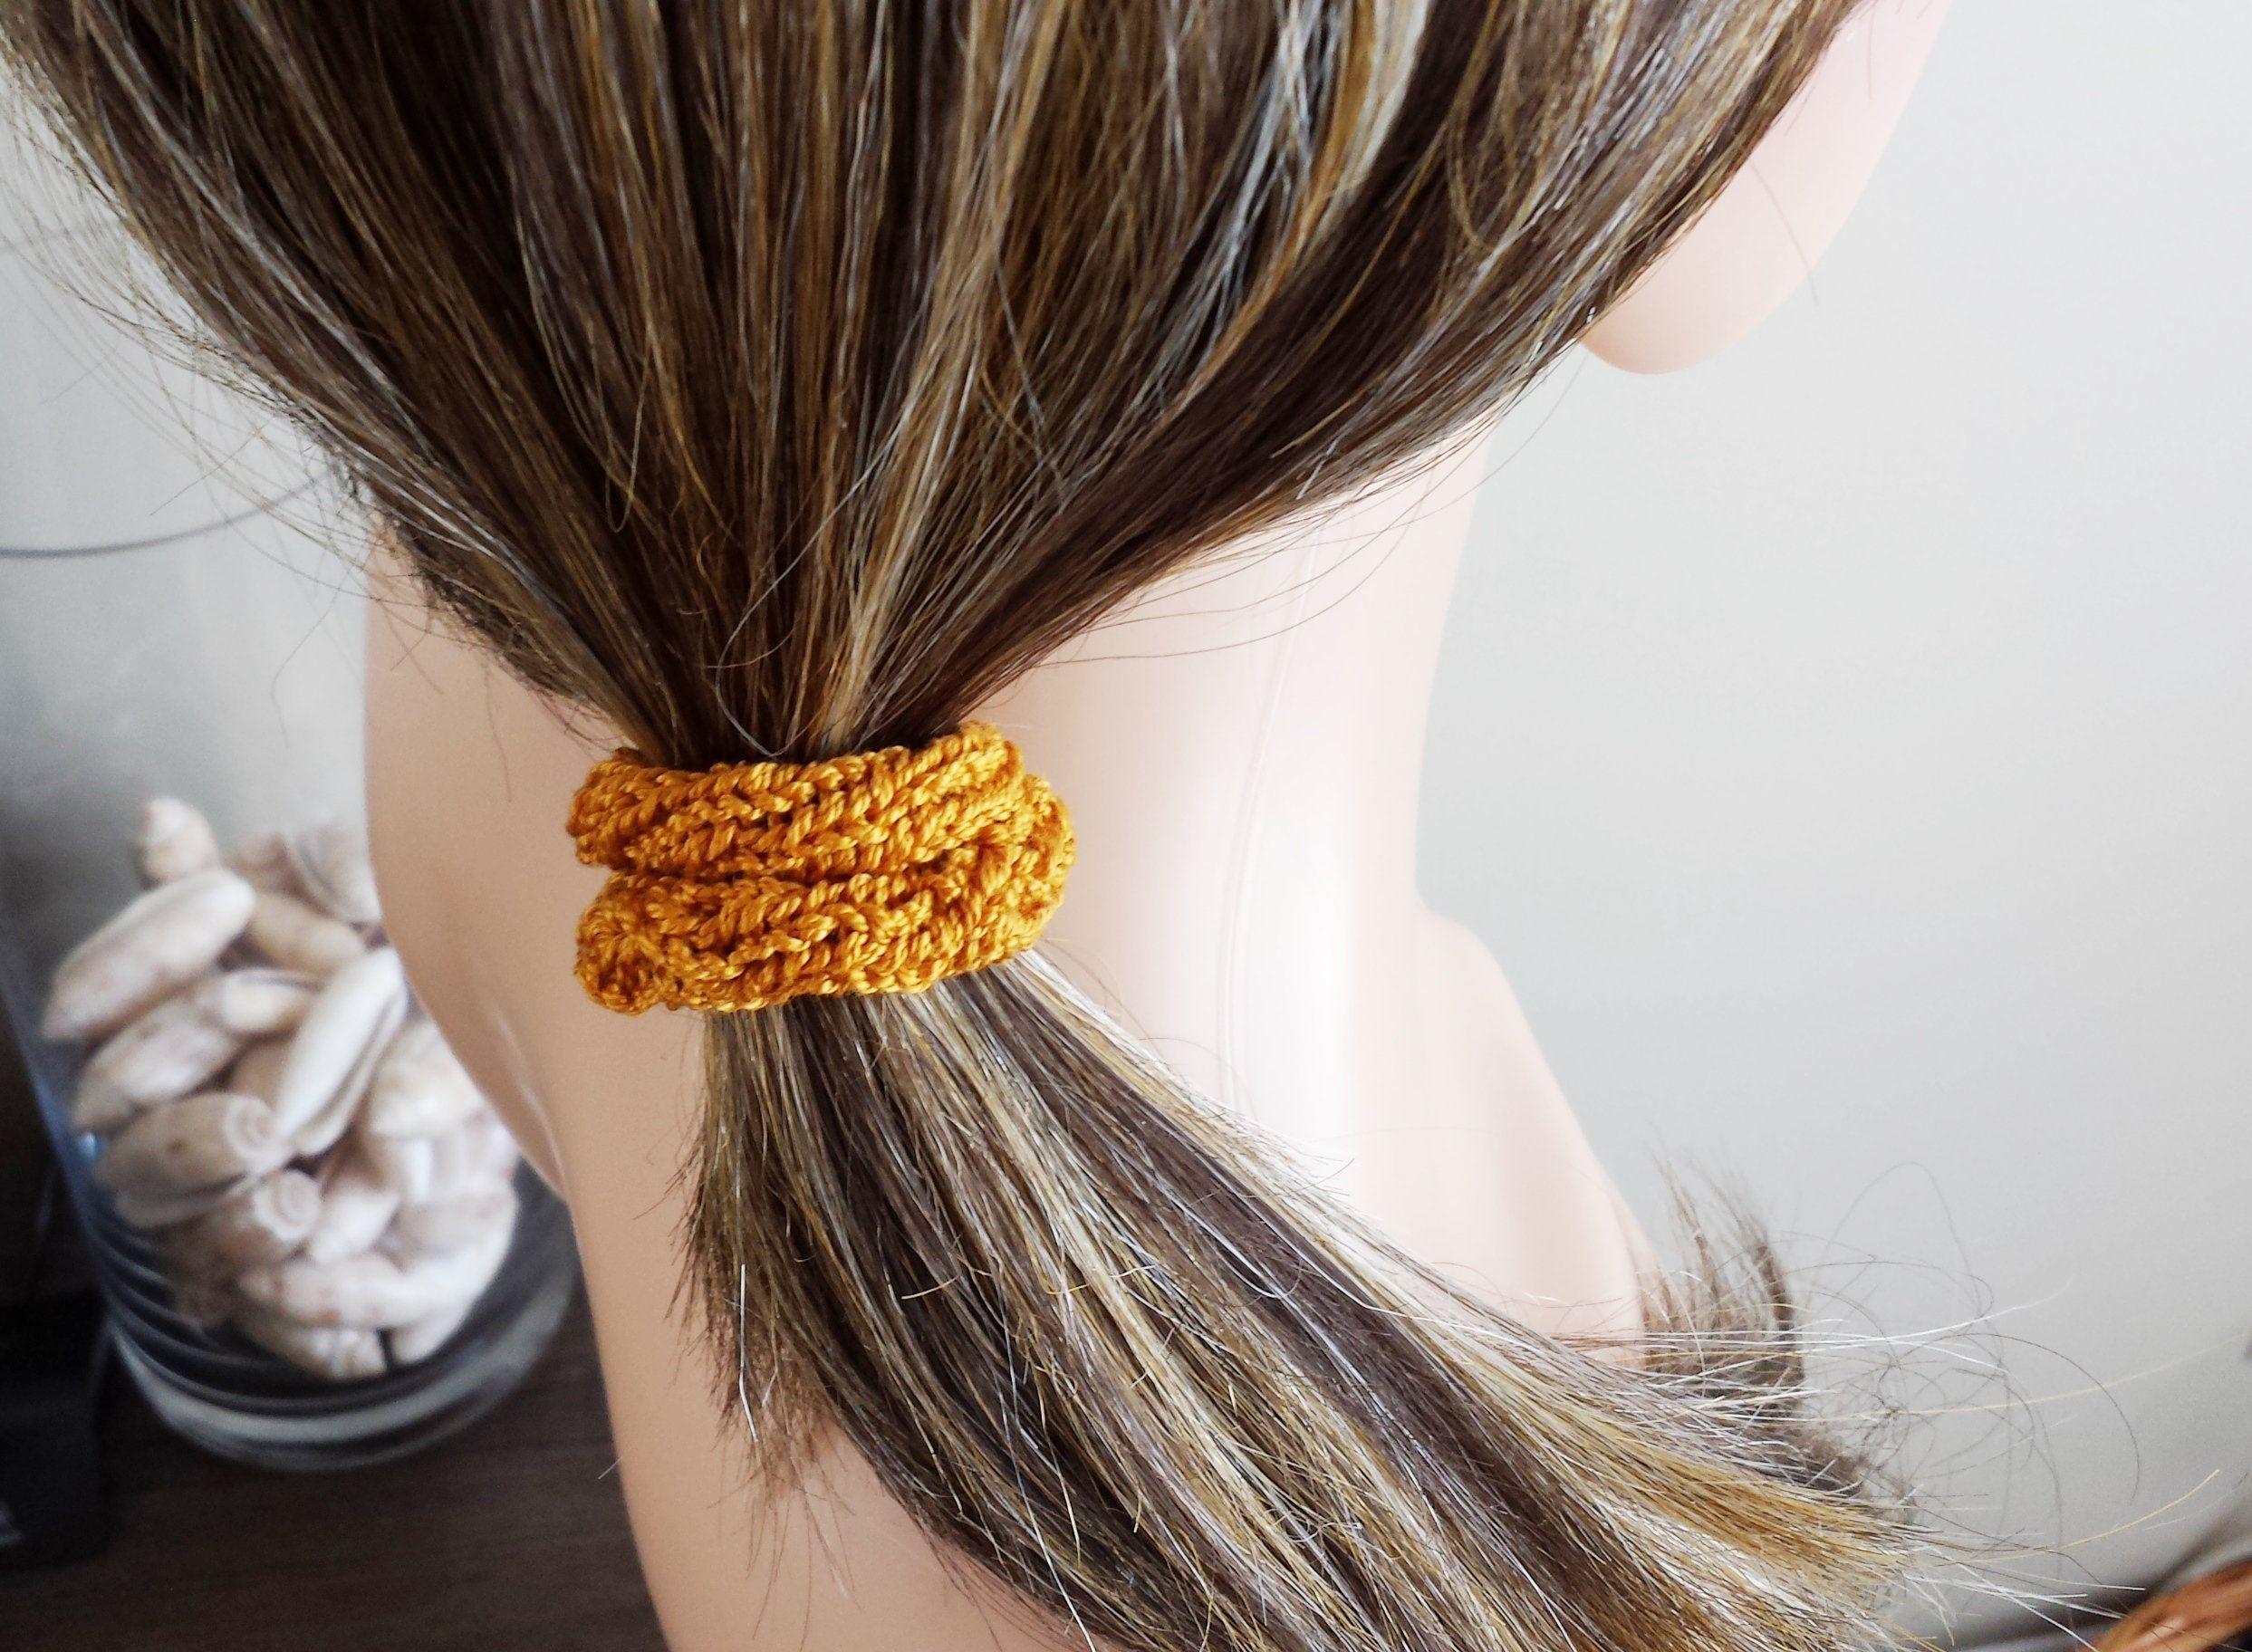 Élastique à cheveux brun élastique coton brun élastique